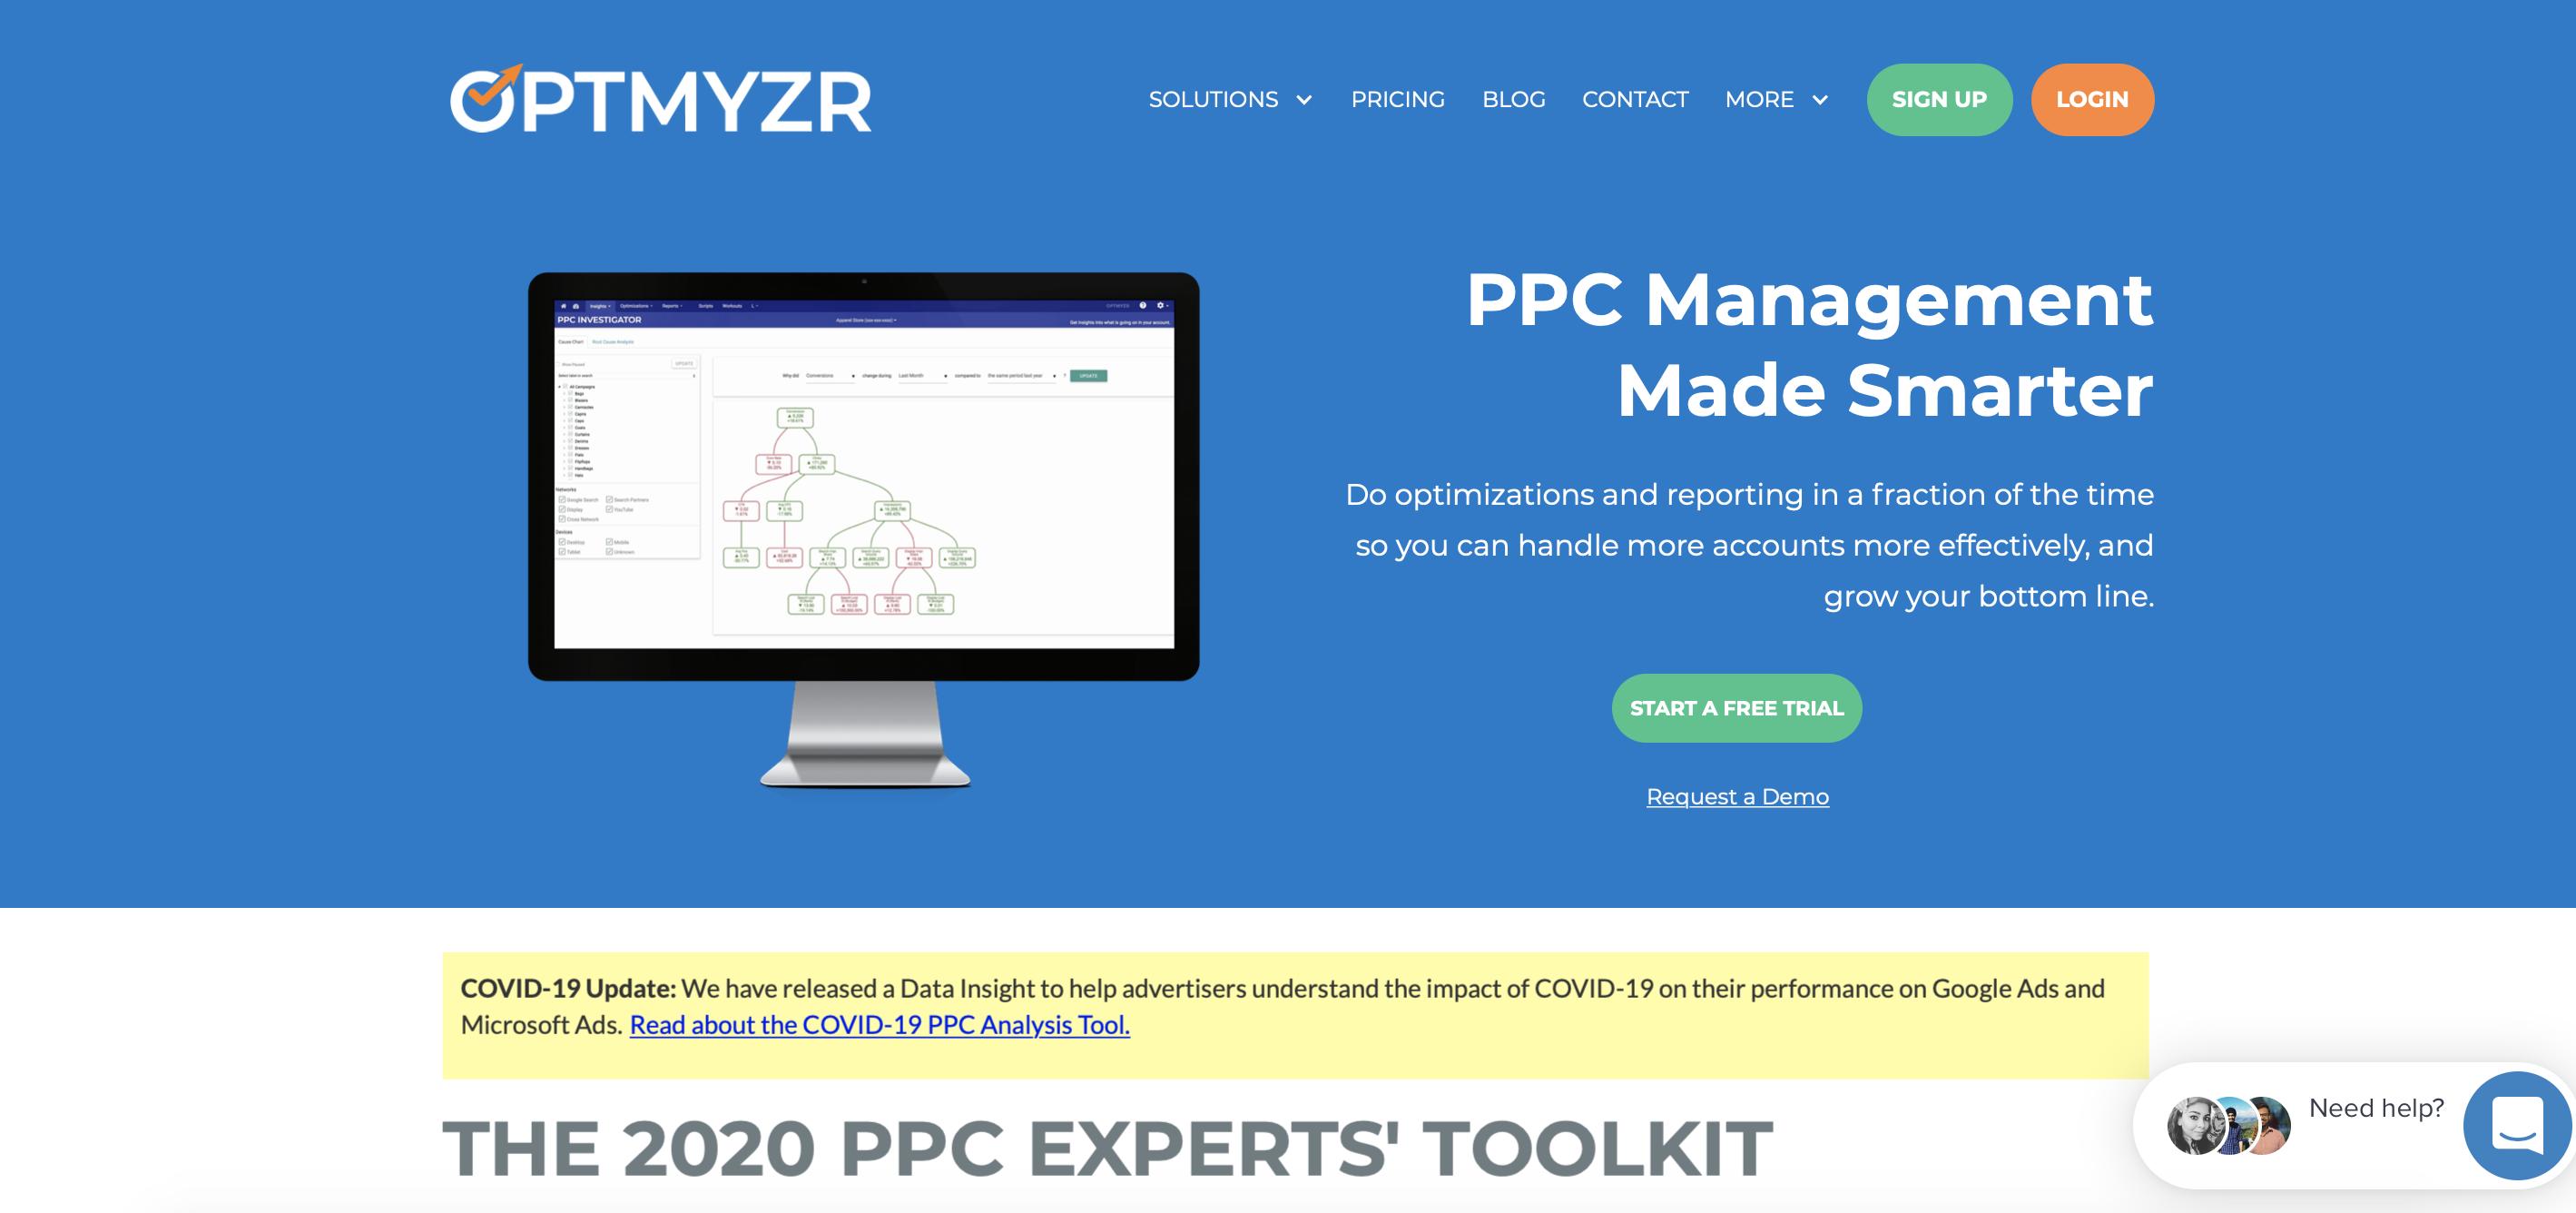 optmyzr PPC tool